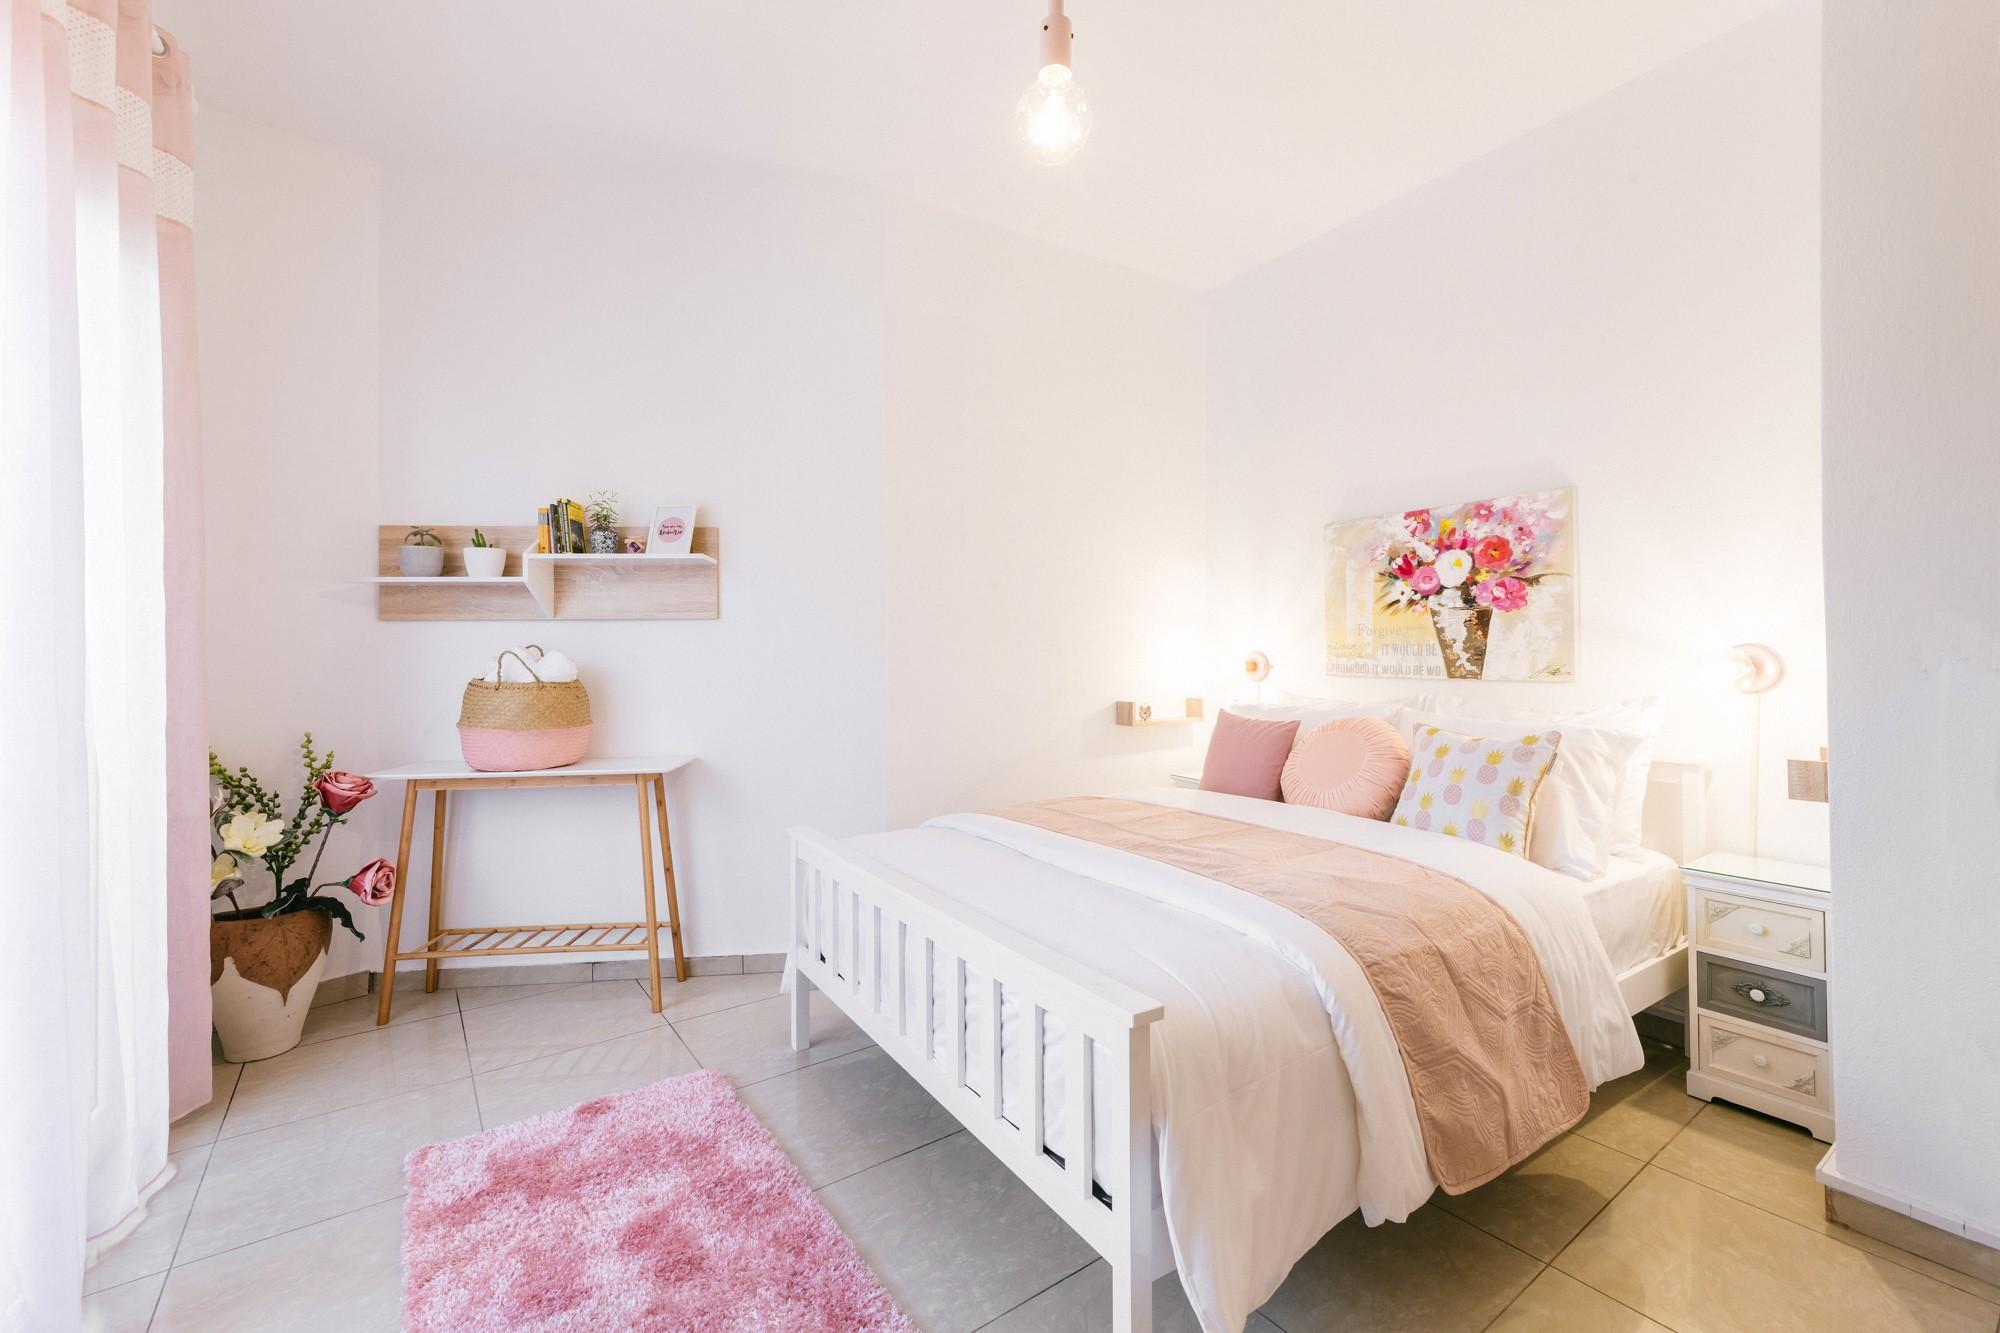 Φωτογράφιση airbnb στης Σέρρες | Φωτογράφος airbnb